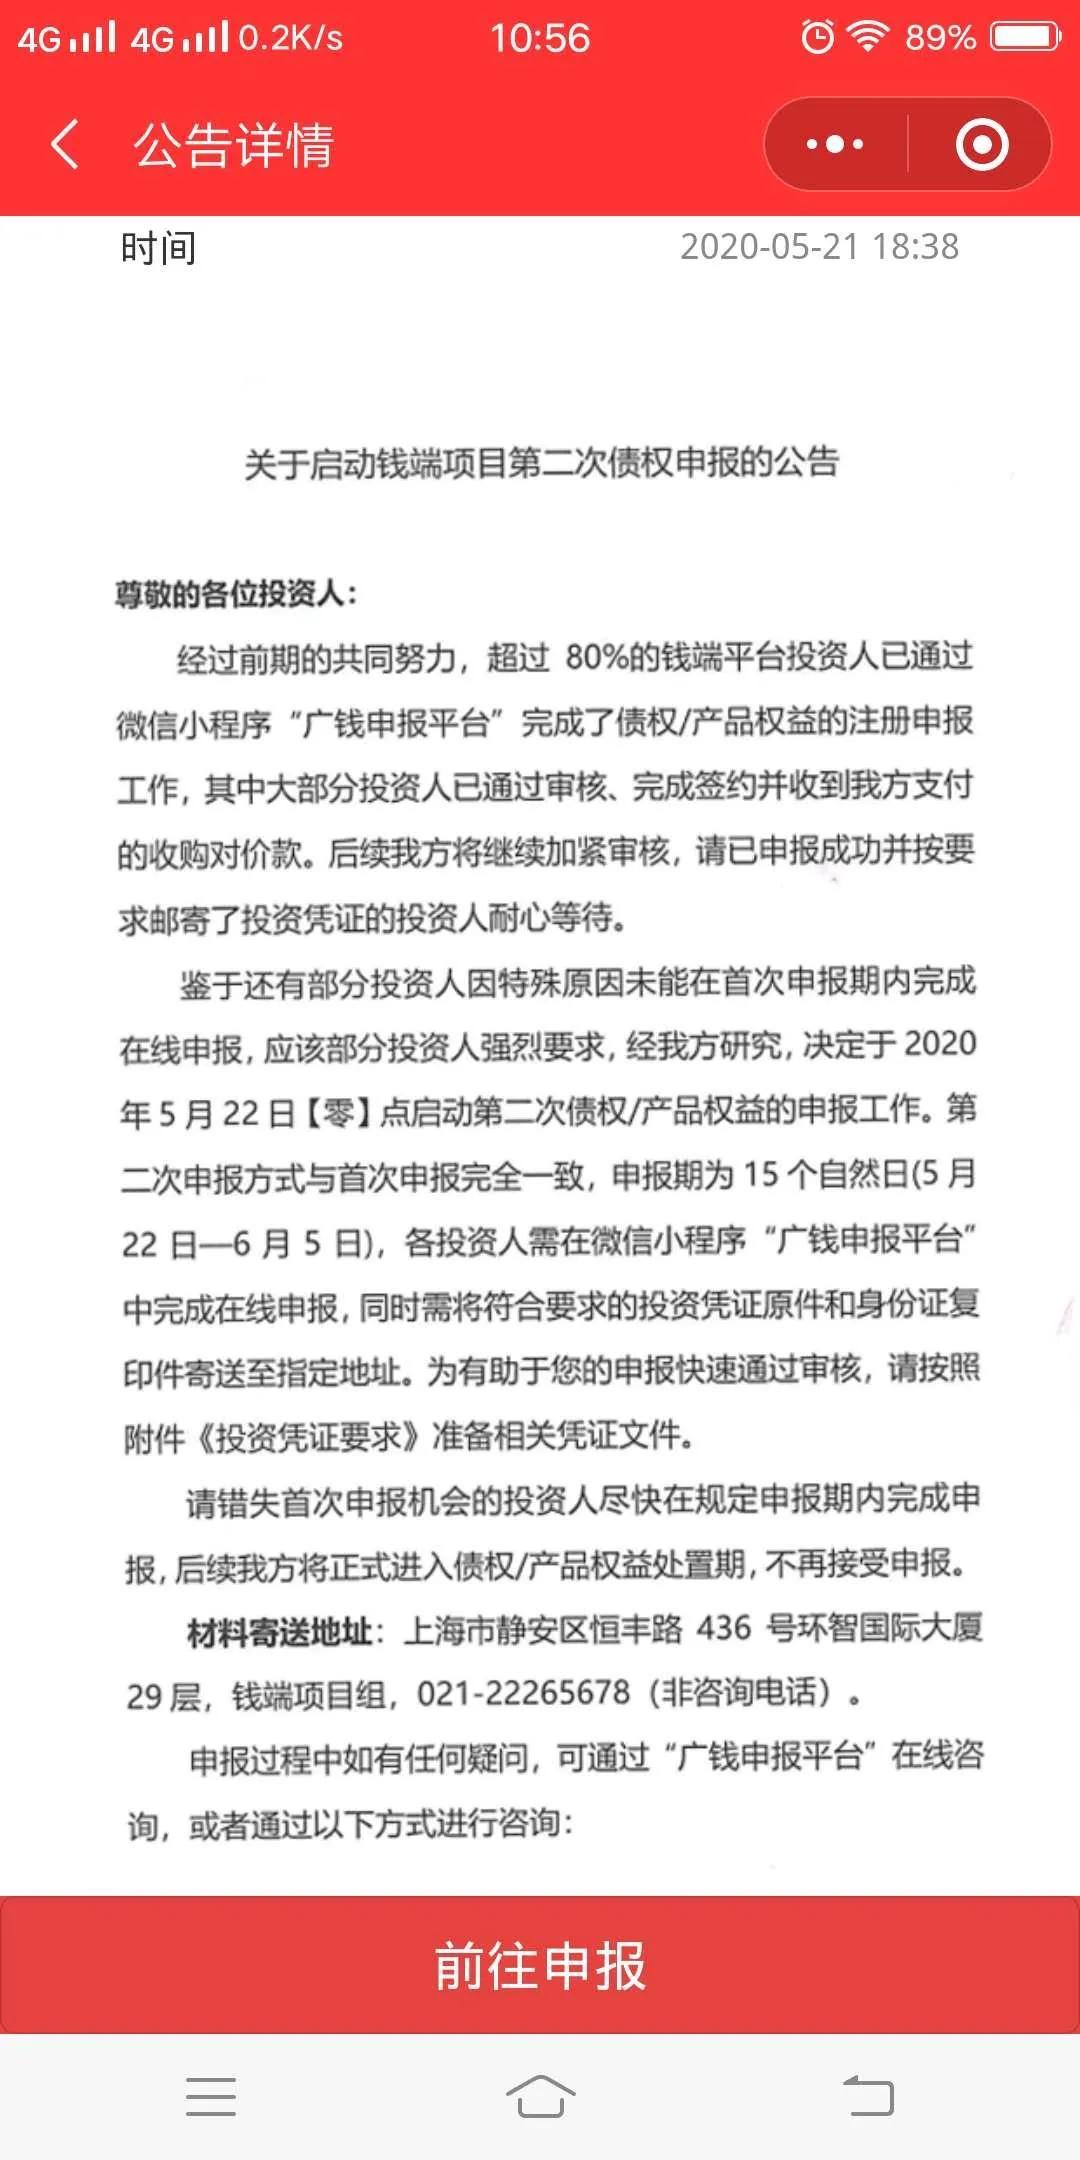 钱端投资人申报6月5日截止,青岛受害者投诉招行员工上门误导推销